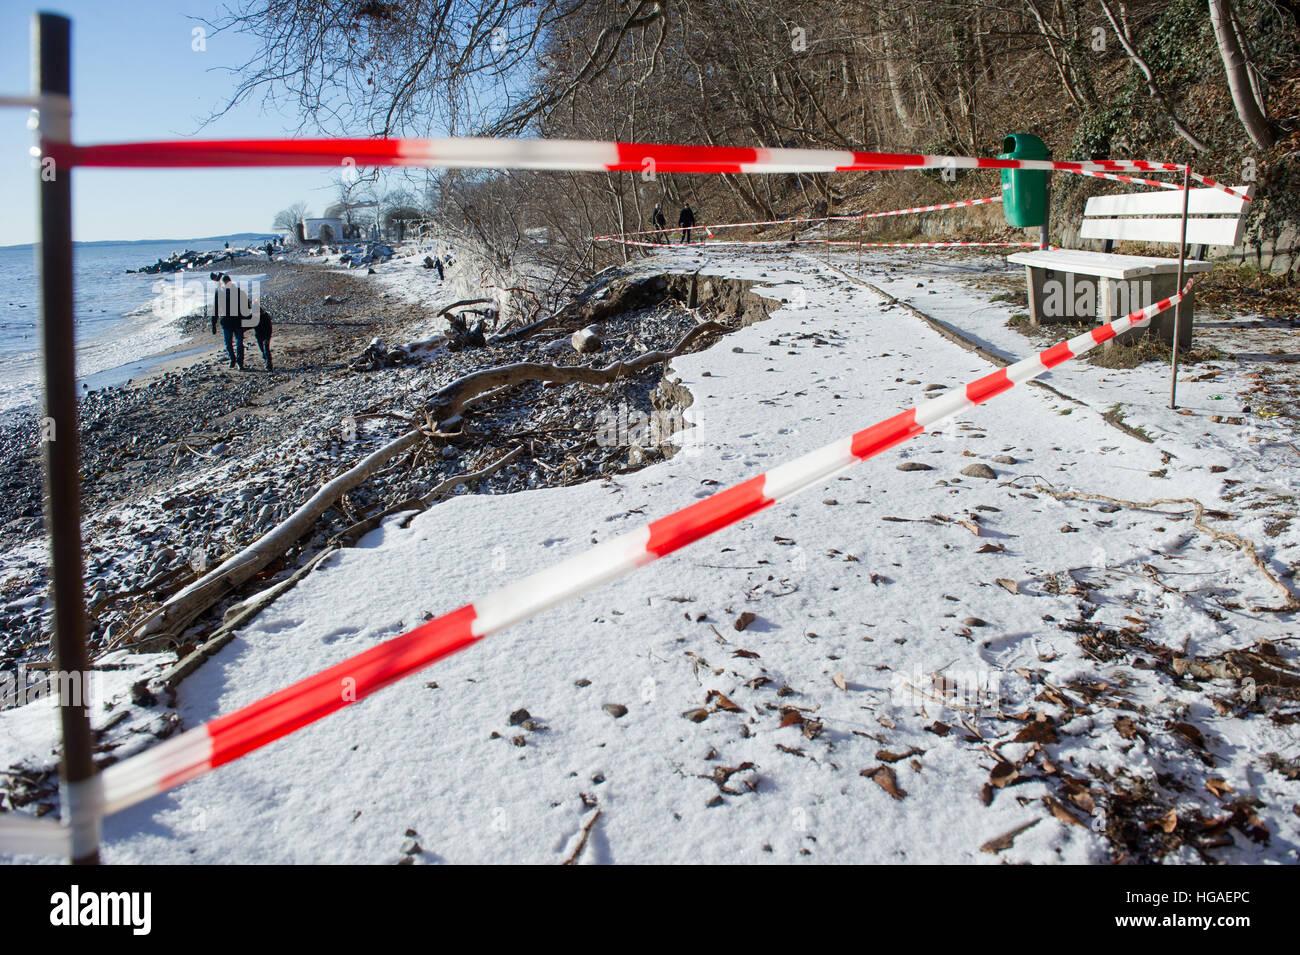 Sassnitz, Germania. 06 gen 2017. Un percorso collassato in Sassnitz, Germania, 06 gennaio 2017. Le conseguenze della Foto Stock